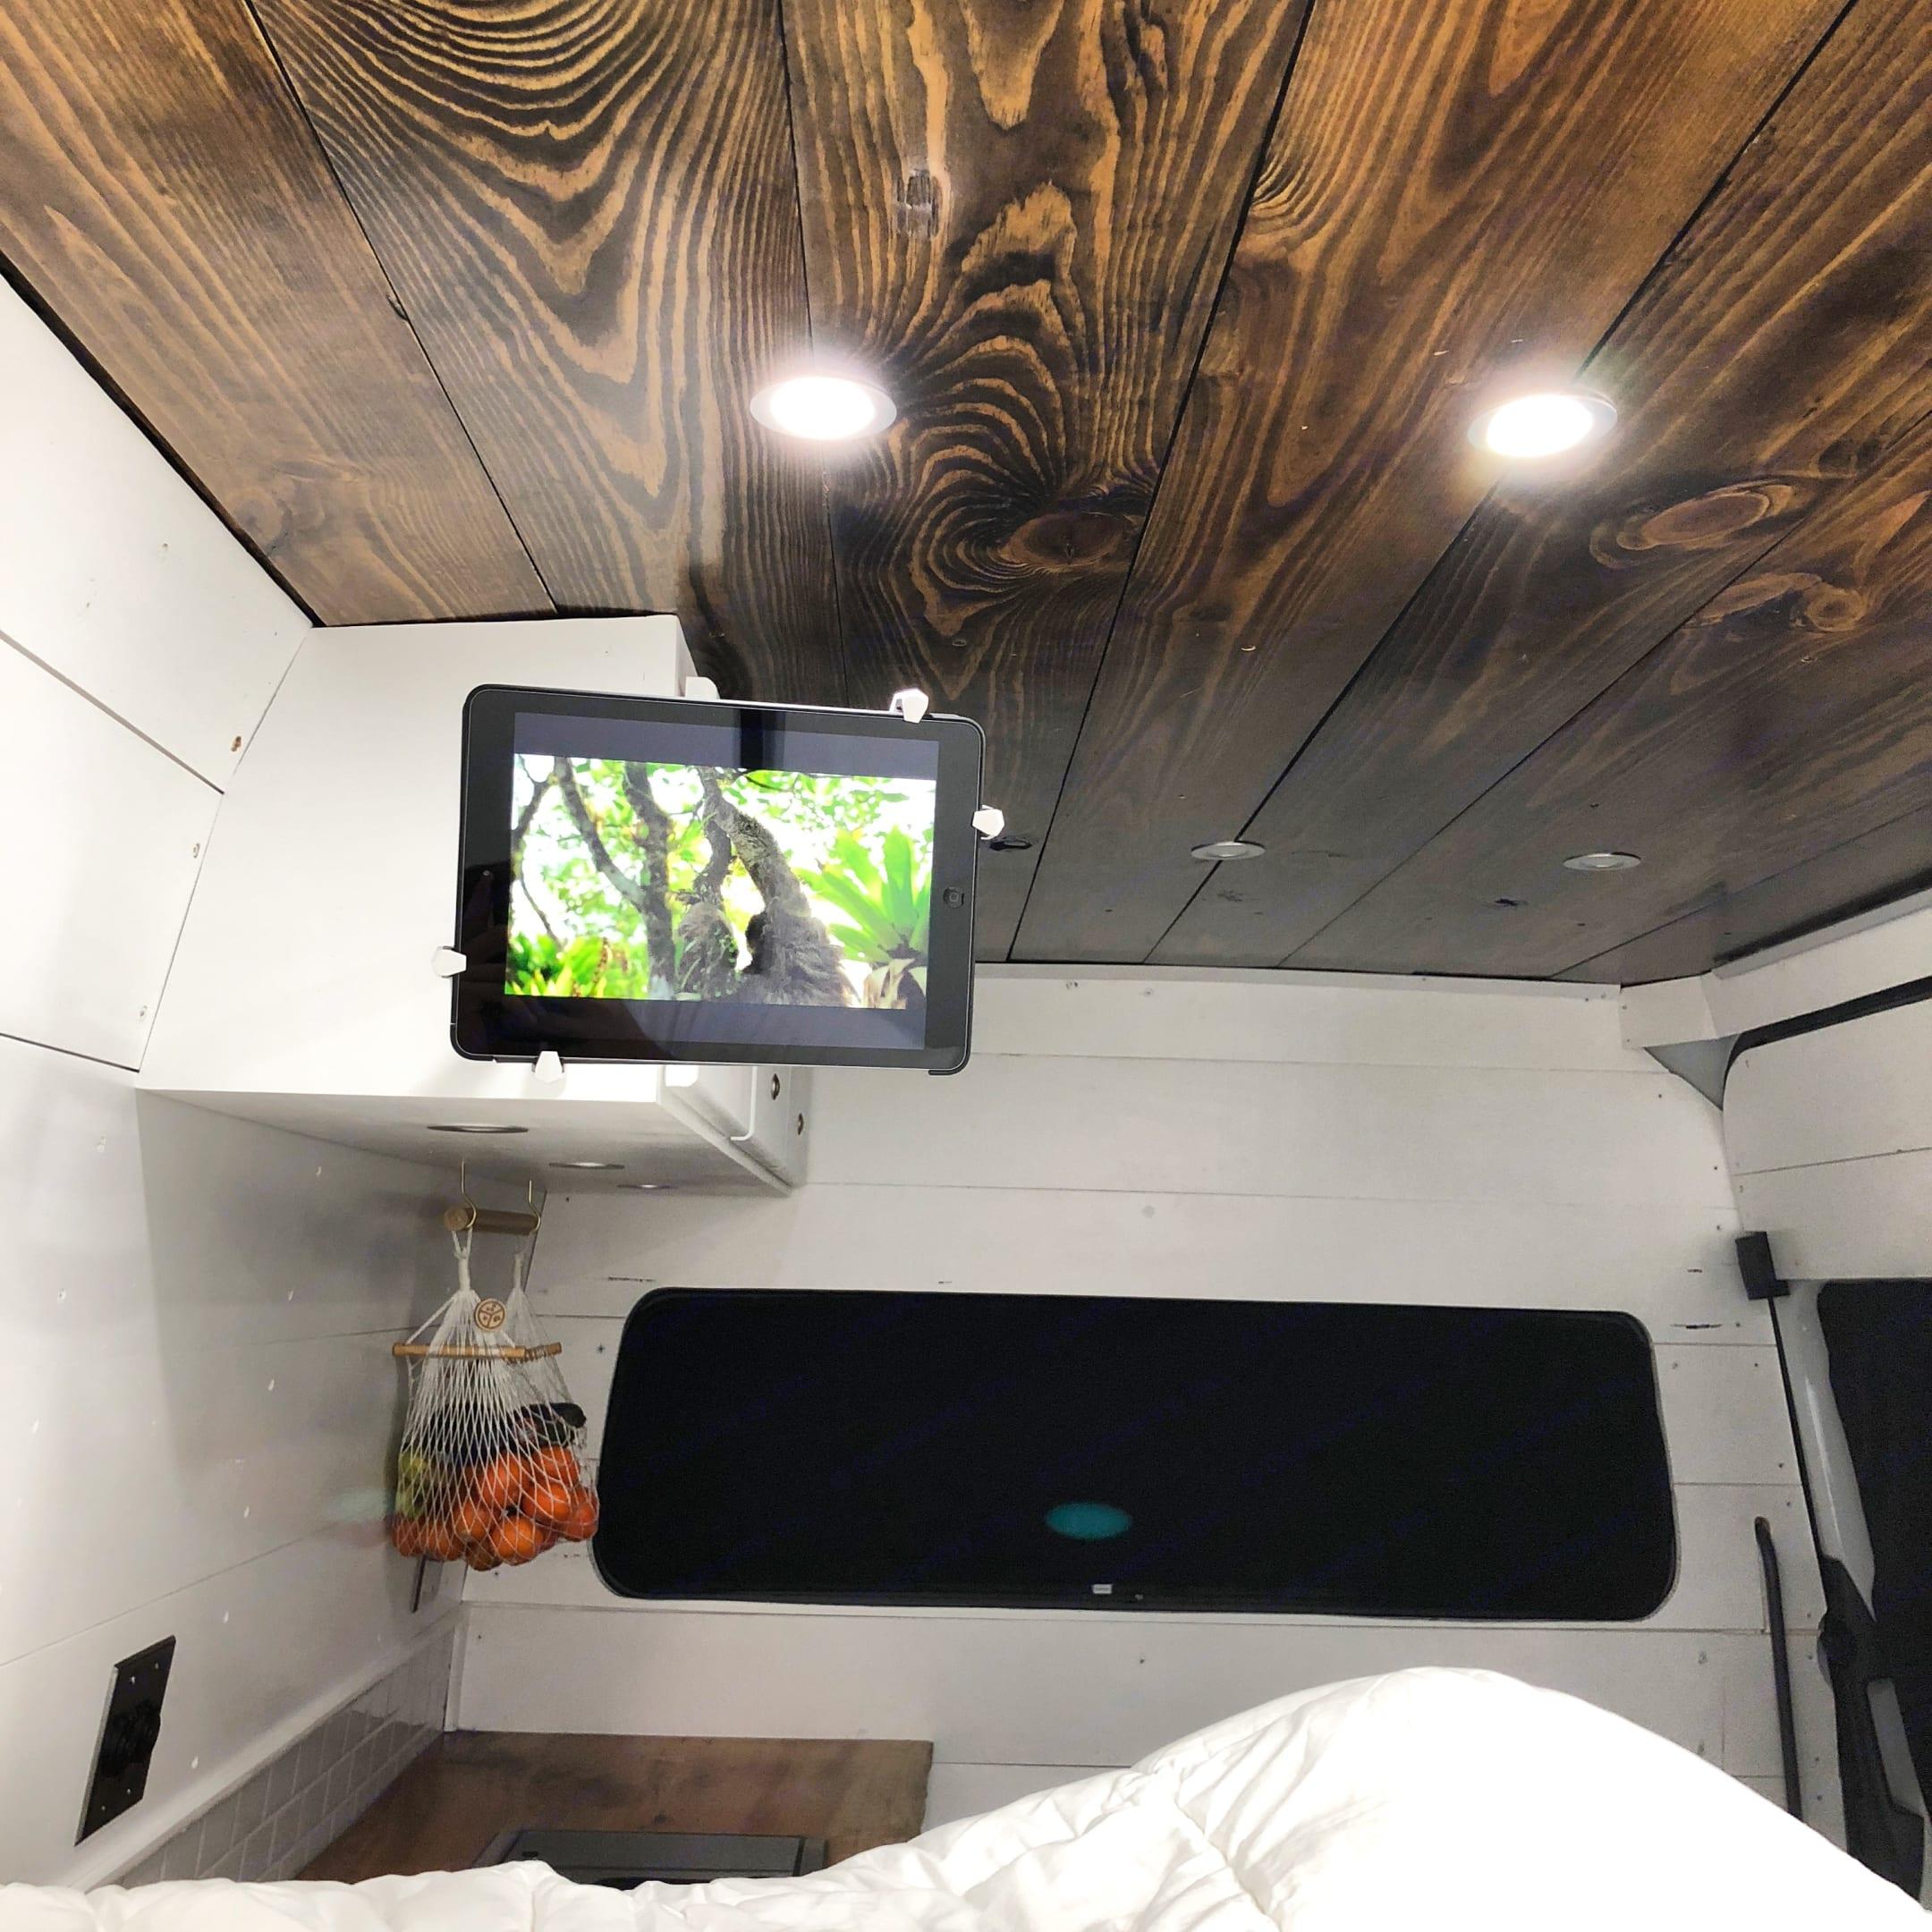 Mercedes-Benz Sprinter RV Motorhome Campervan 2016